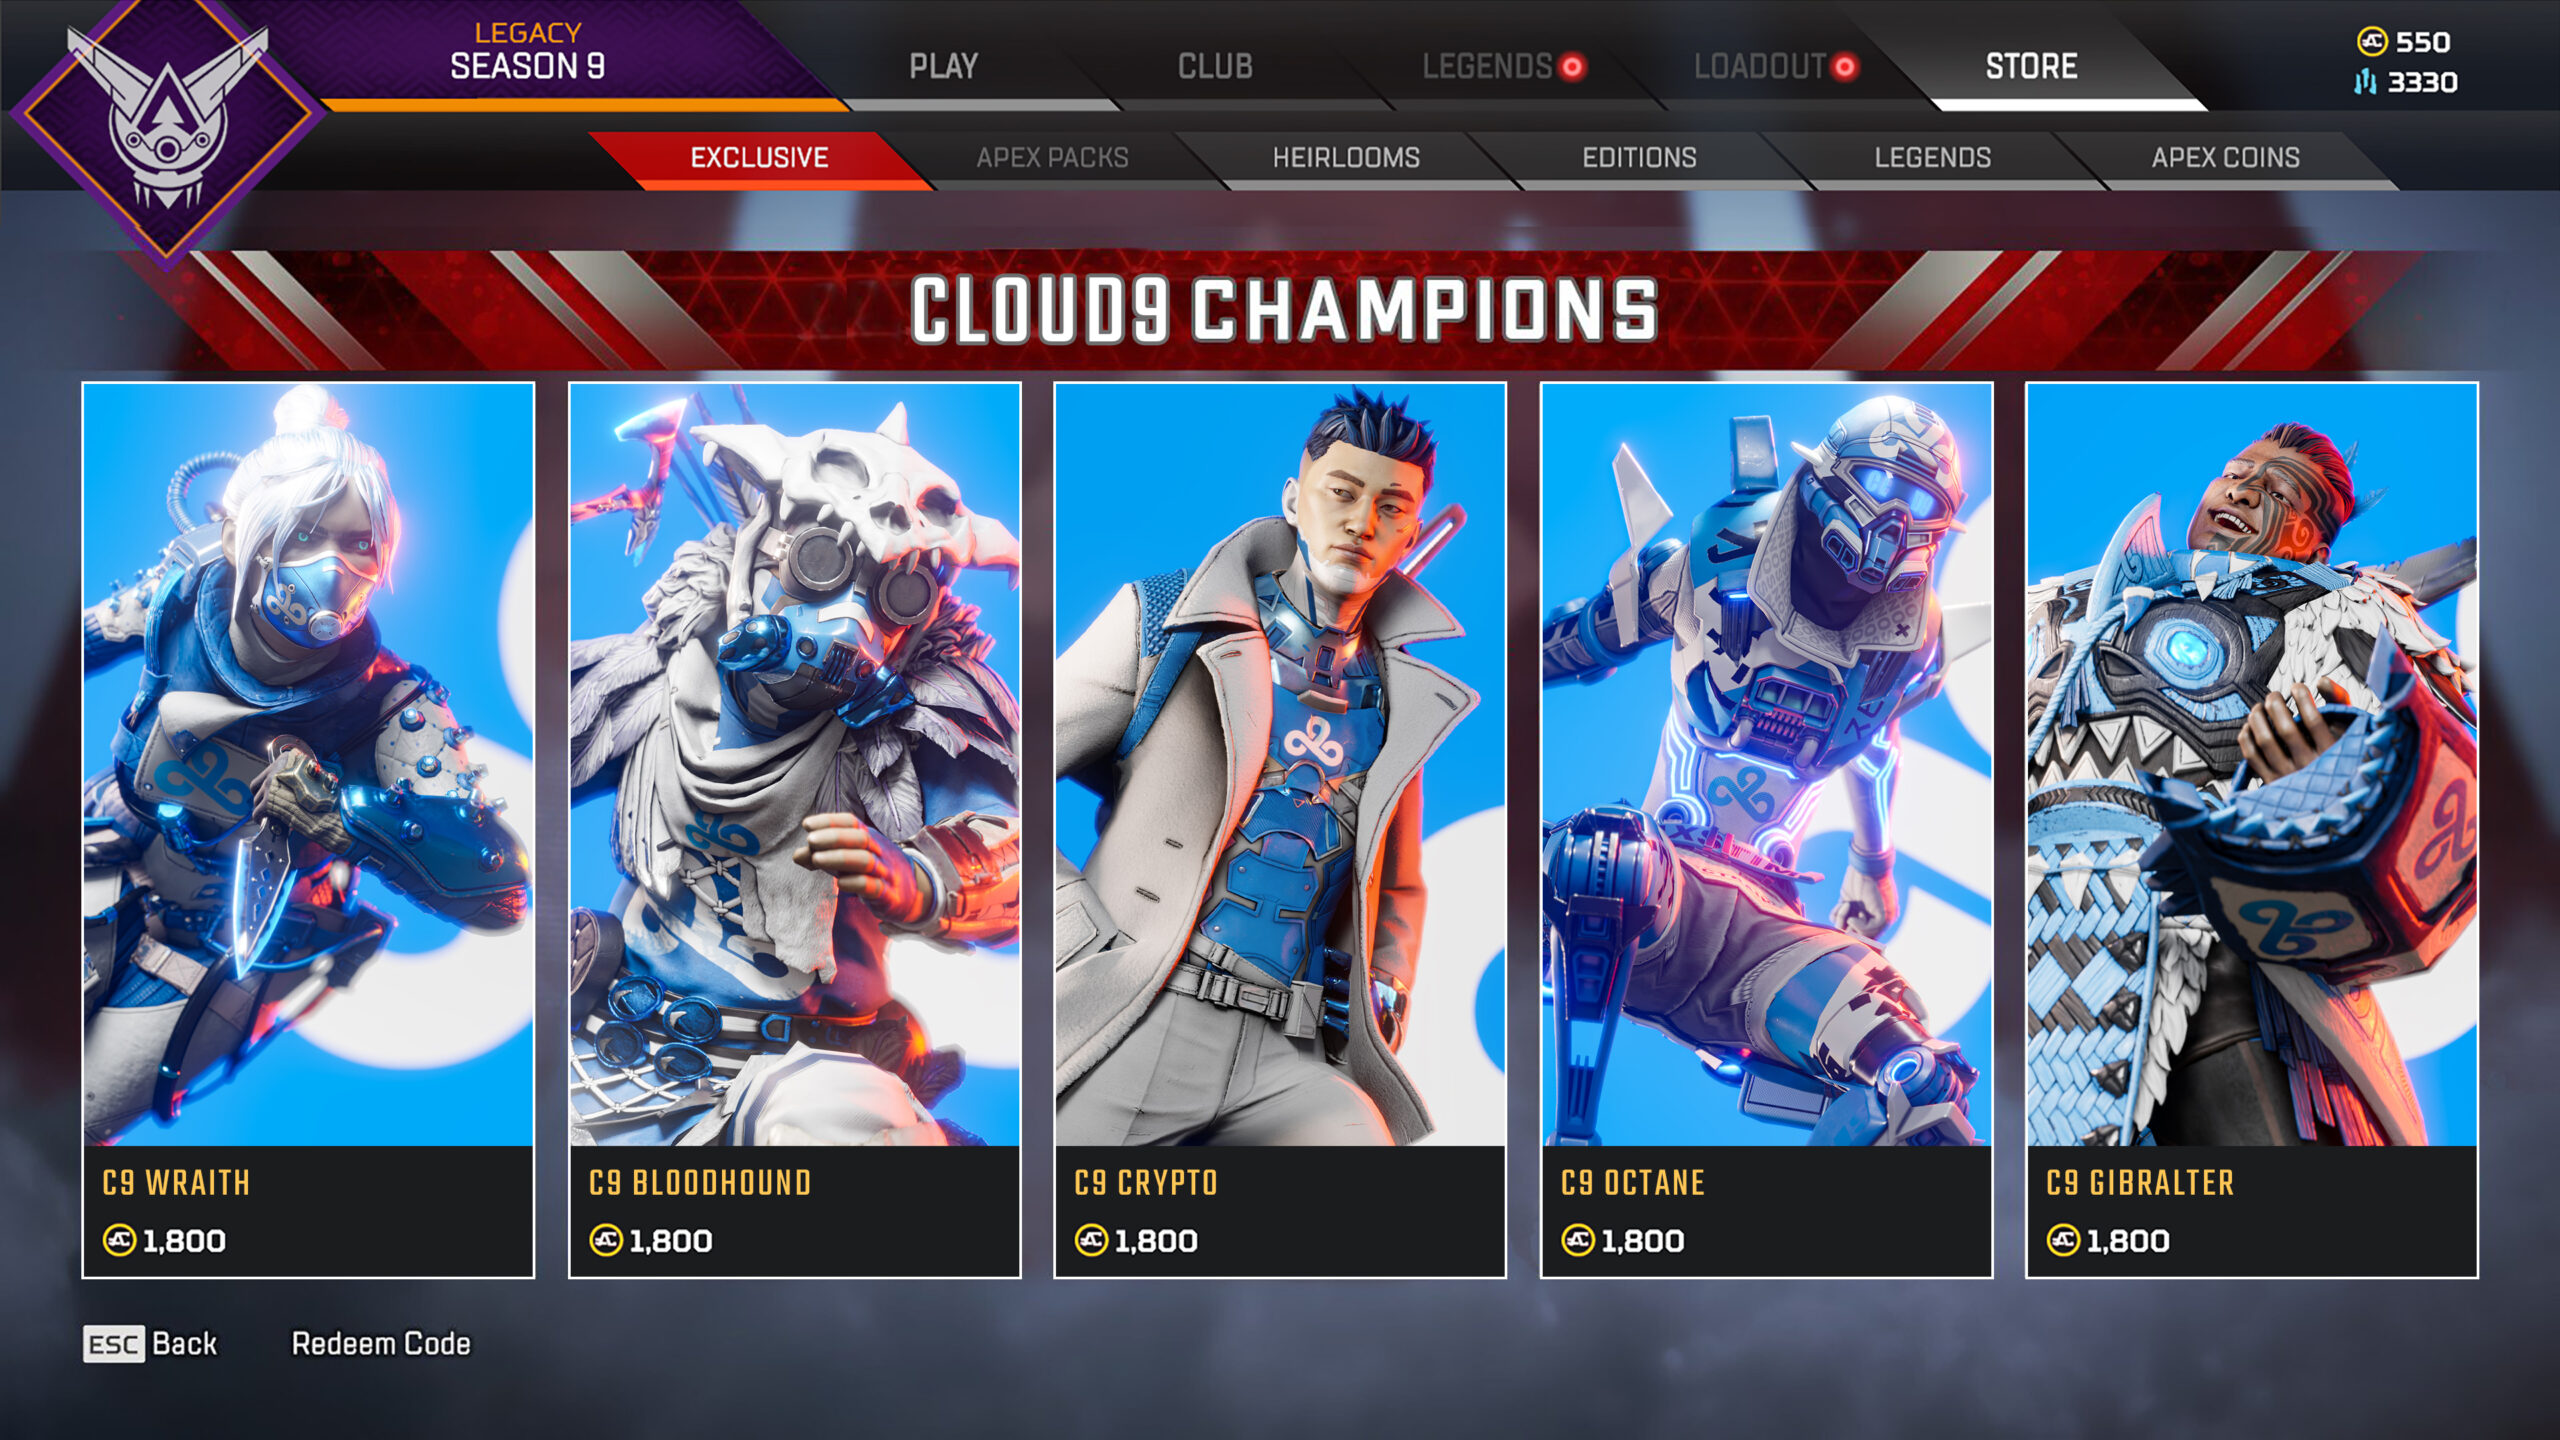 【APEX】アメリカのプロゲーミングチーム「Cloud9」がファンメイドスキンを公開!!→むちゃくちゃカッコいいwww